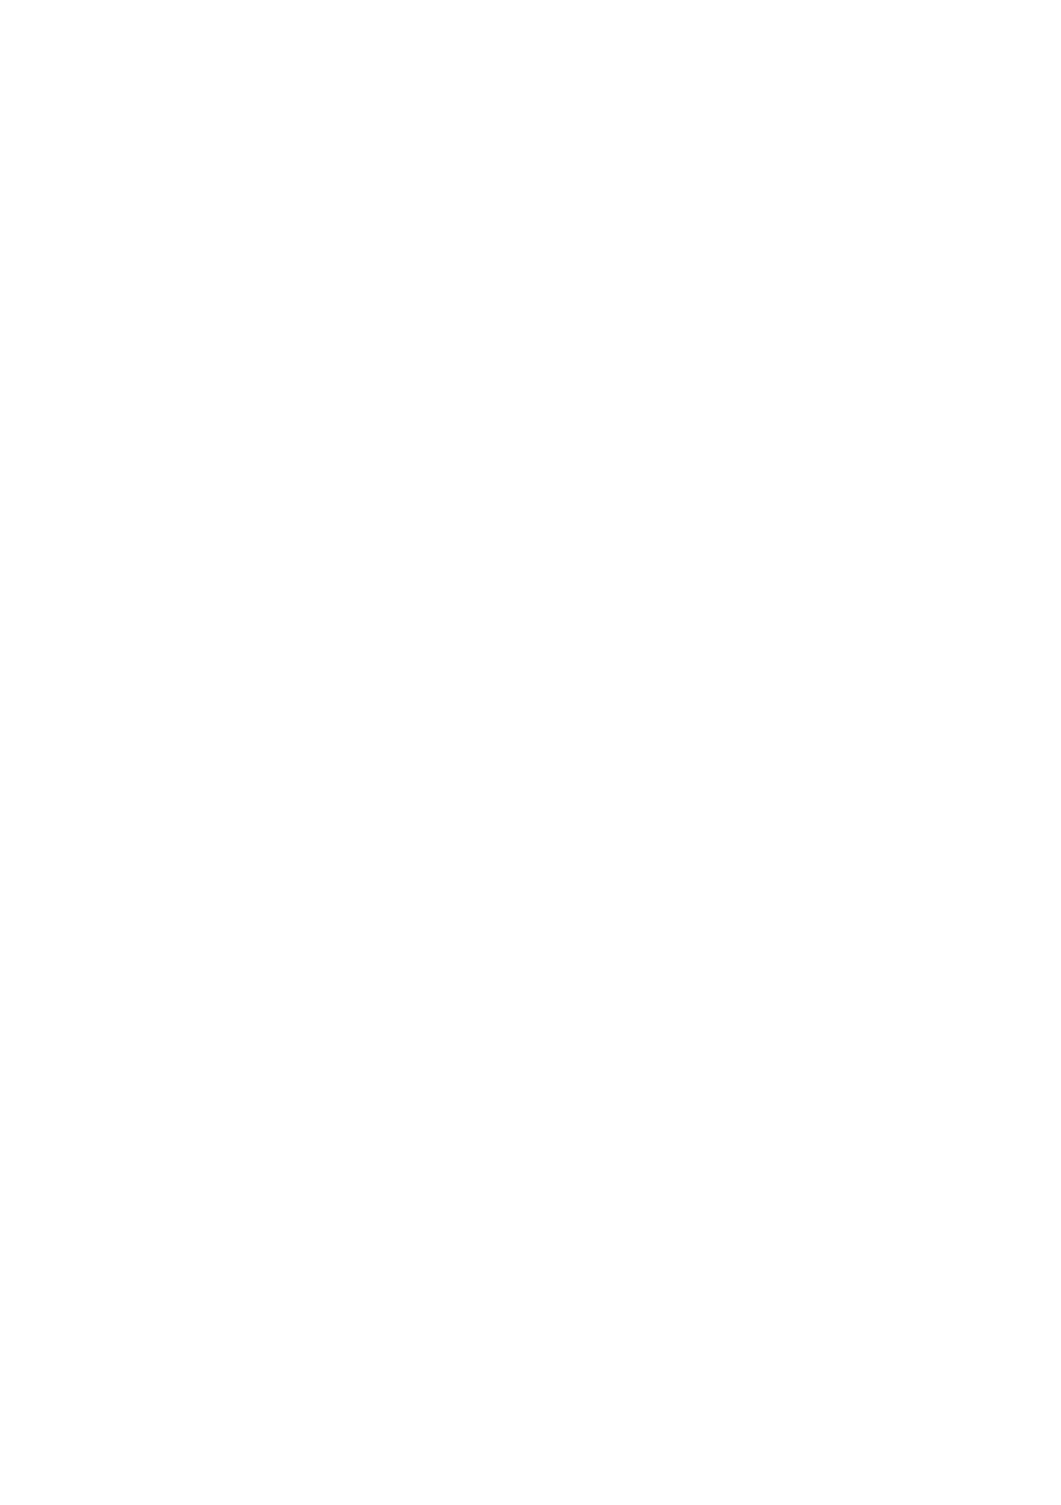 Earl Warren College Seal